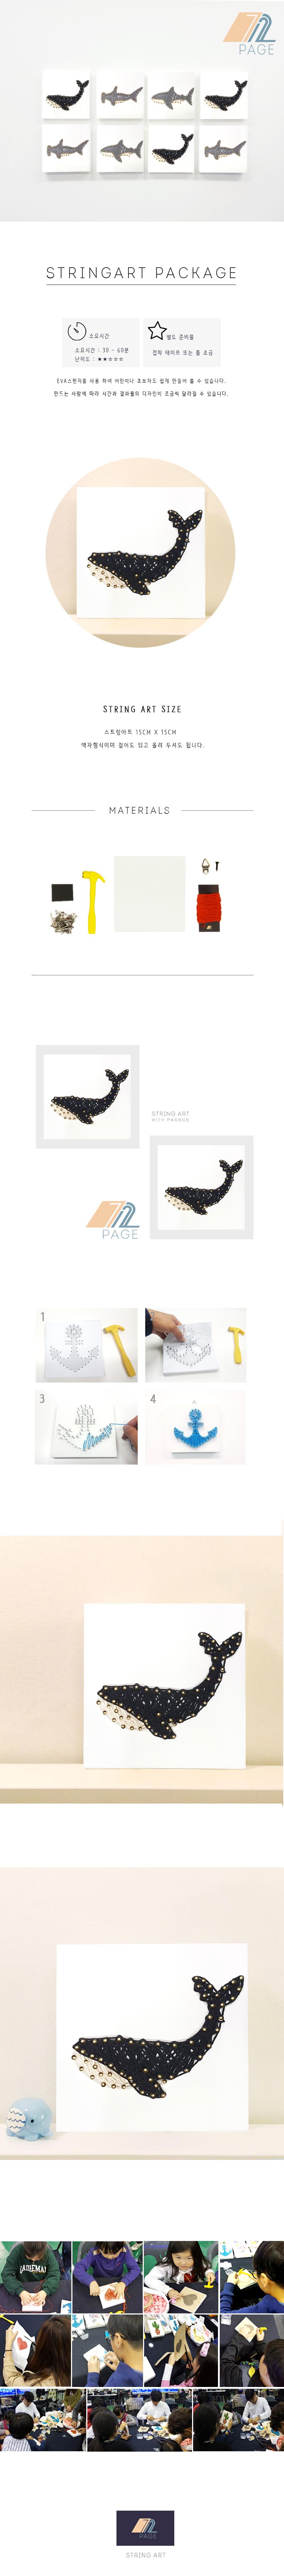 꼬마 고래 스트링아트 만들기 패키지 DIY (EVA)10,000원-72페이지키덜트/취미, 핸드메이드/DIY, DIY그리기, 스트링아트바보사랑꼬마 고래 스트링아트 만들기 패키지 DIY (EVA)10,000원-72페이지키덜트/취미, 핸드메이드/DIY, DIY그리기, 스트링아트바보사랑